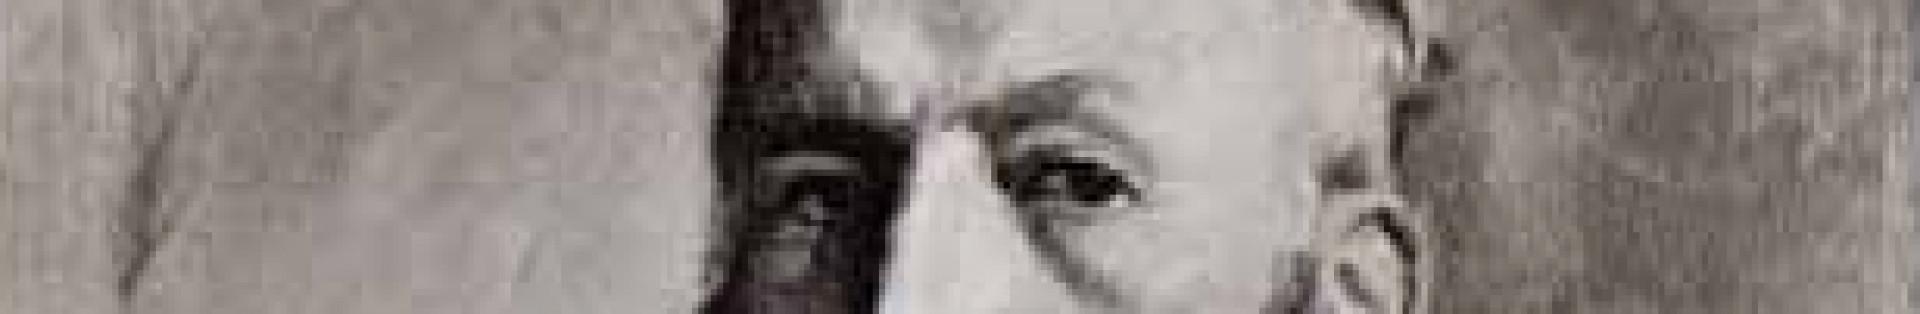 JÓZEF CHEŁMOŃSKI: ŻYCIE I TWÓRCZOŚĆ - CZĘŚĆ I